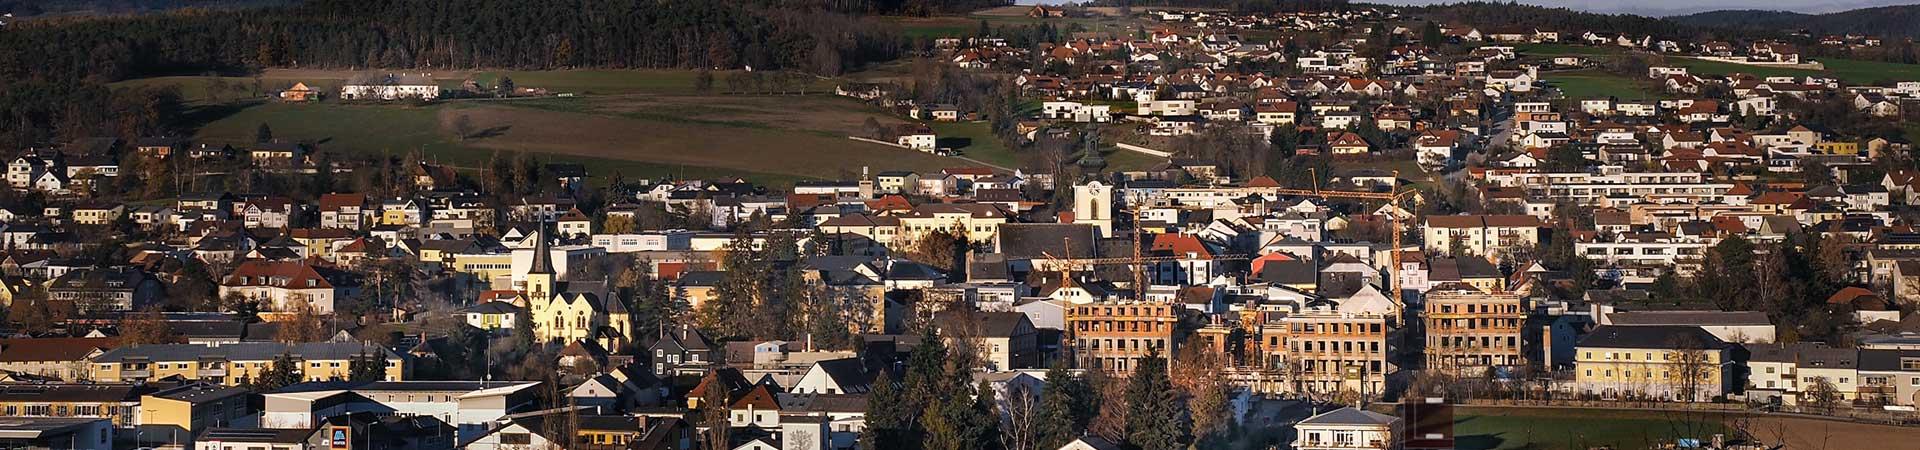 Gem2Go - Stadtgemeinde Gallneukirchen